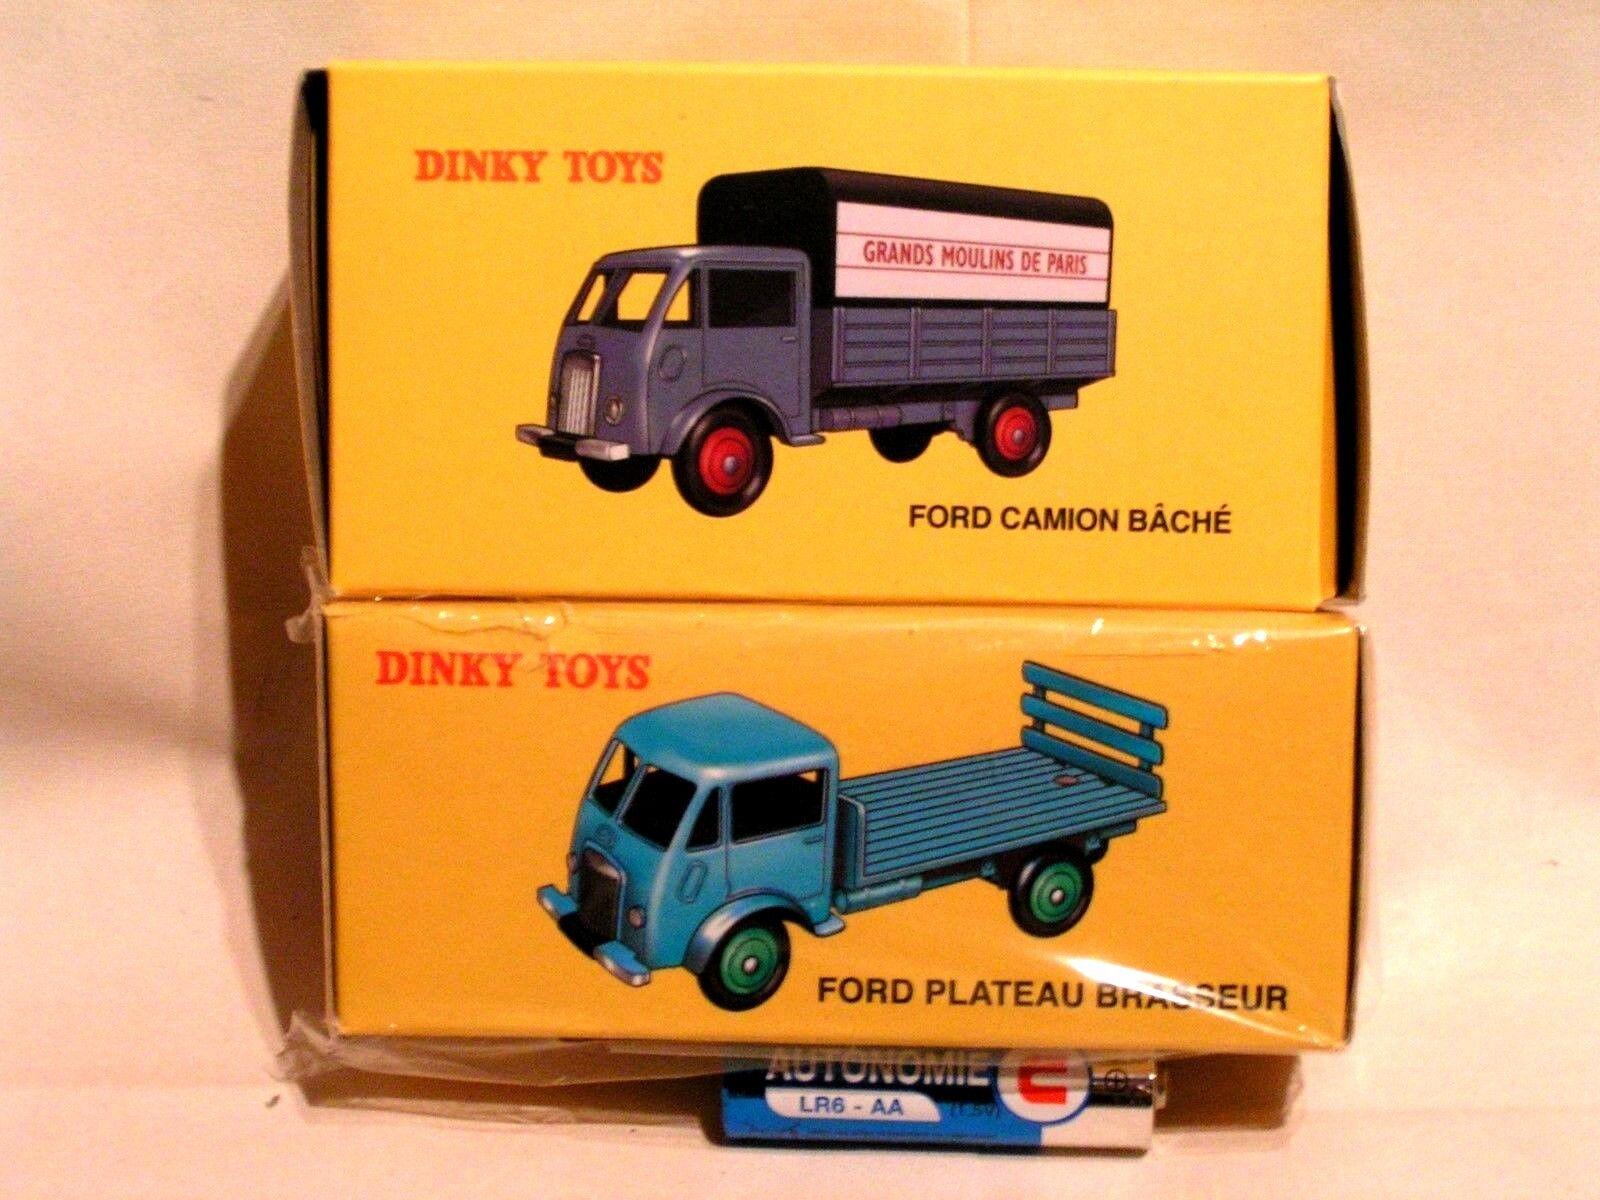 oferta especial DINKY TOYS NOREV NOREV NOREV (ATLAS) 1 43  - 2ème LOT DE CAMIONS FORD POISSY (EN BOÎTES)  Entrega rápida y envío gratis en todos los pedidos.